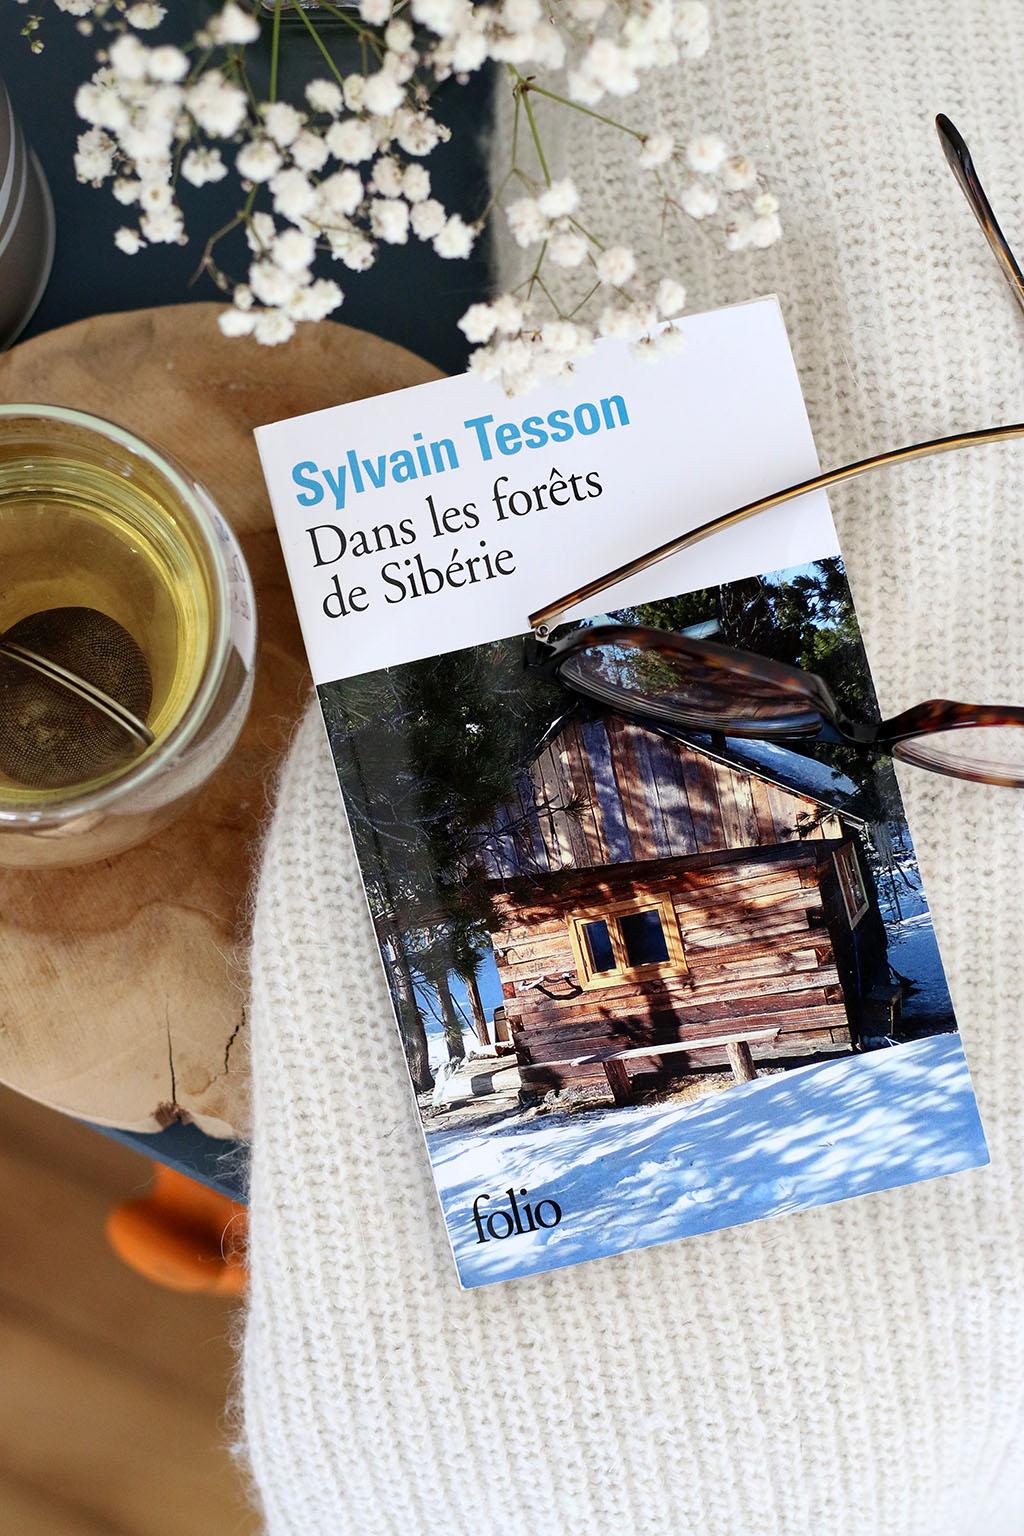 dans les forêts de sibérie sylvain tesson lecture le petit monde d'elodie